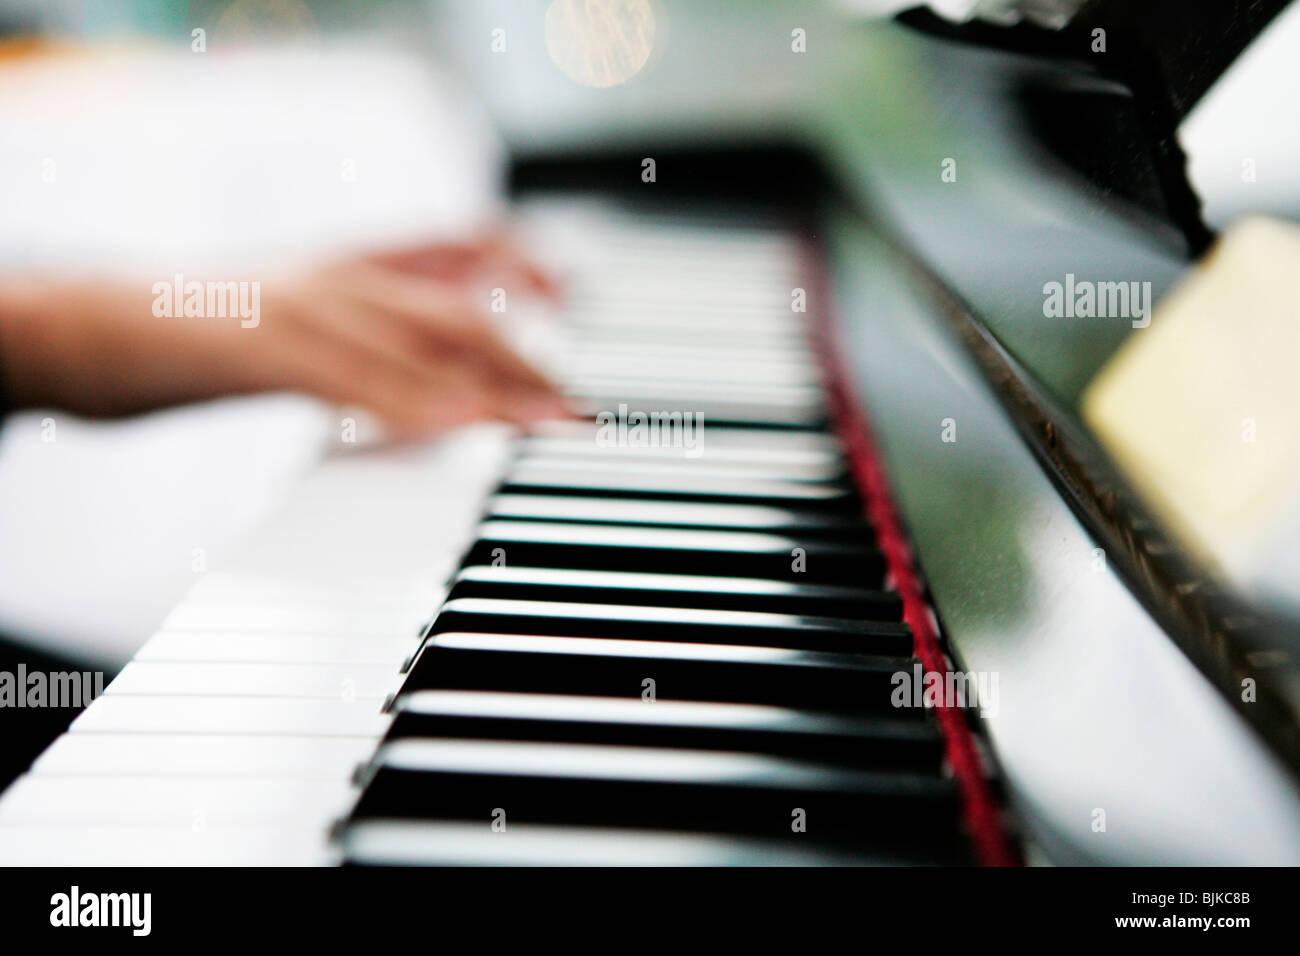 Hände auf einer Klaviertastatur Stockbild